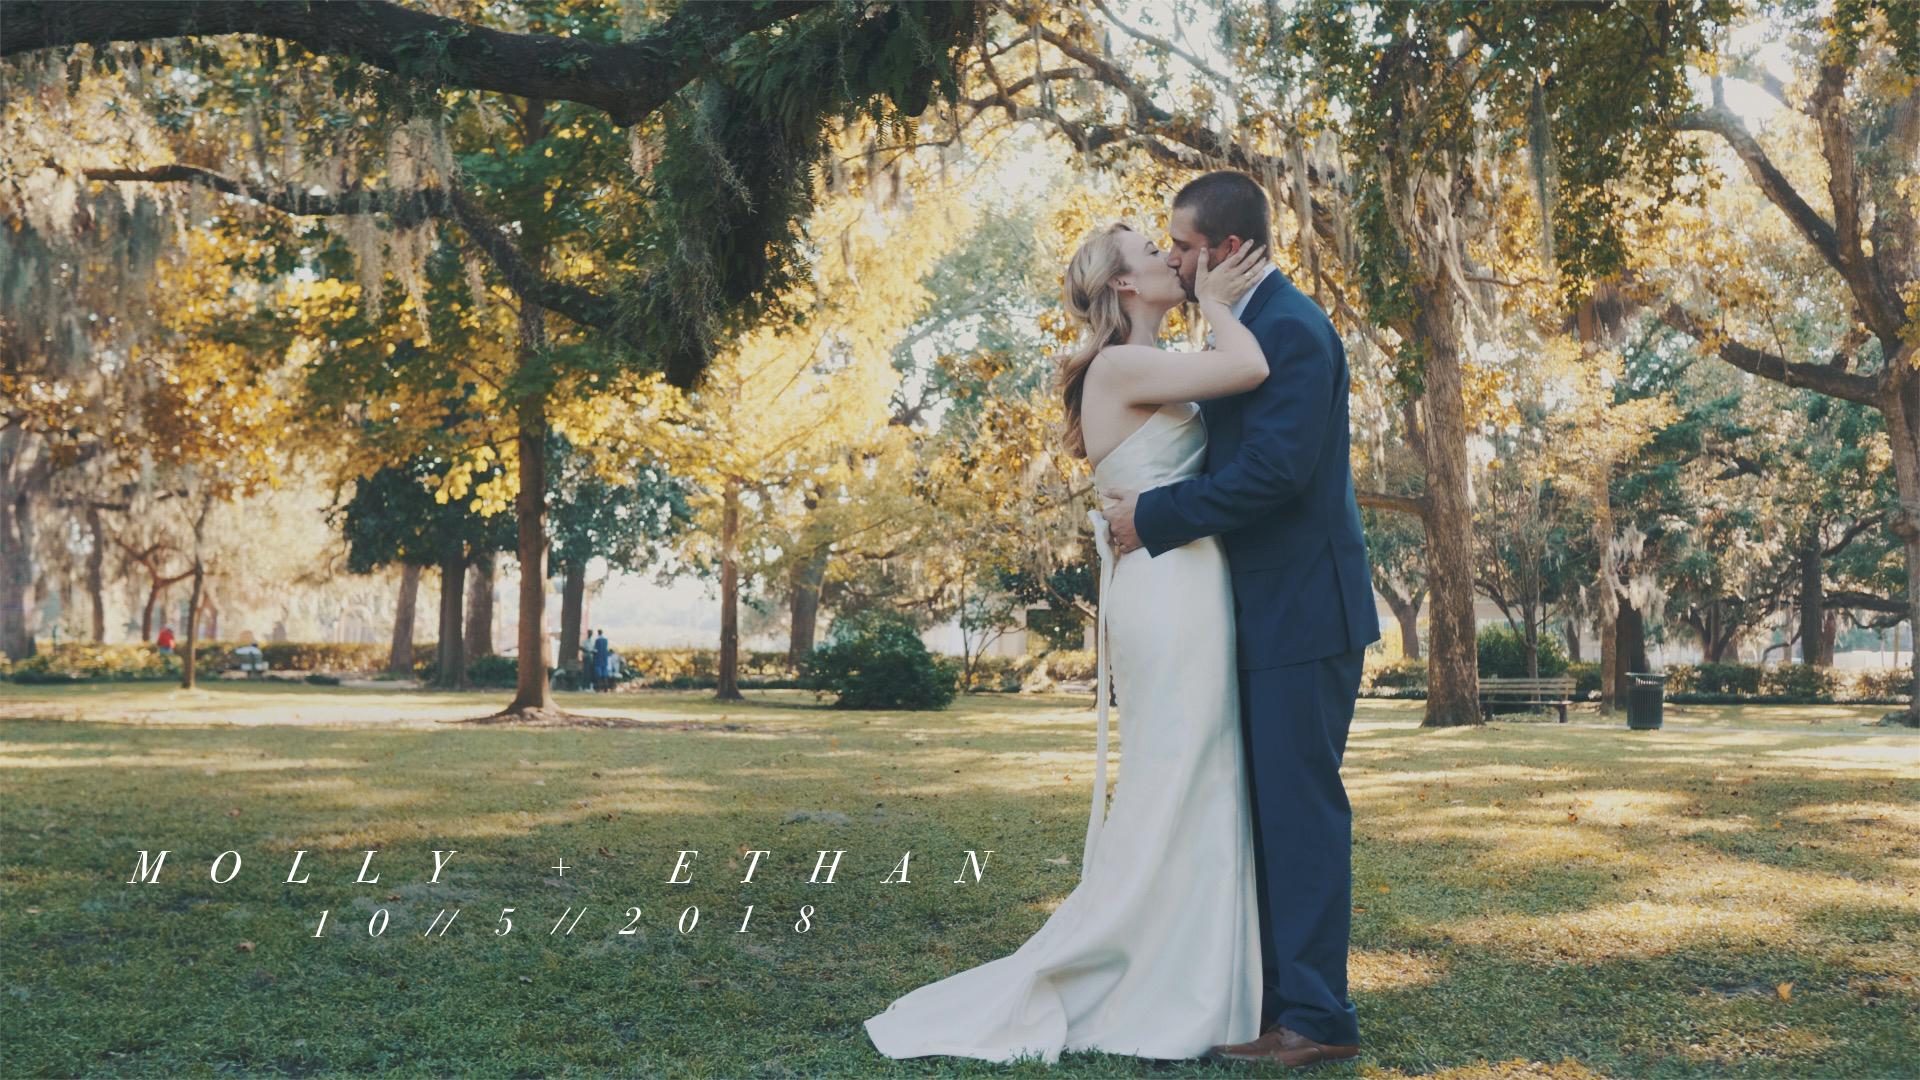 Molly + Ethan | Savannah, Georgia | Forsyth Park, Savannah